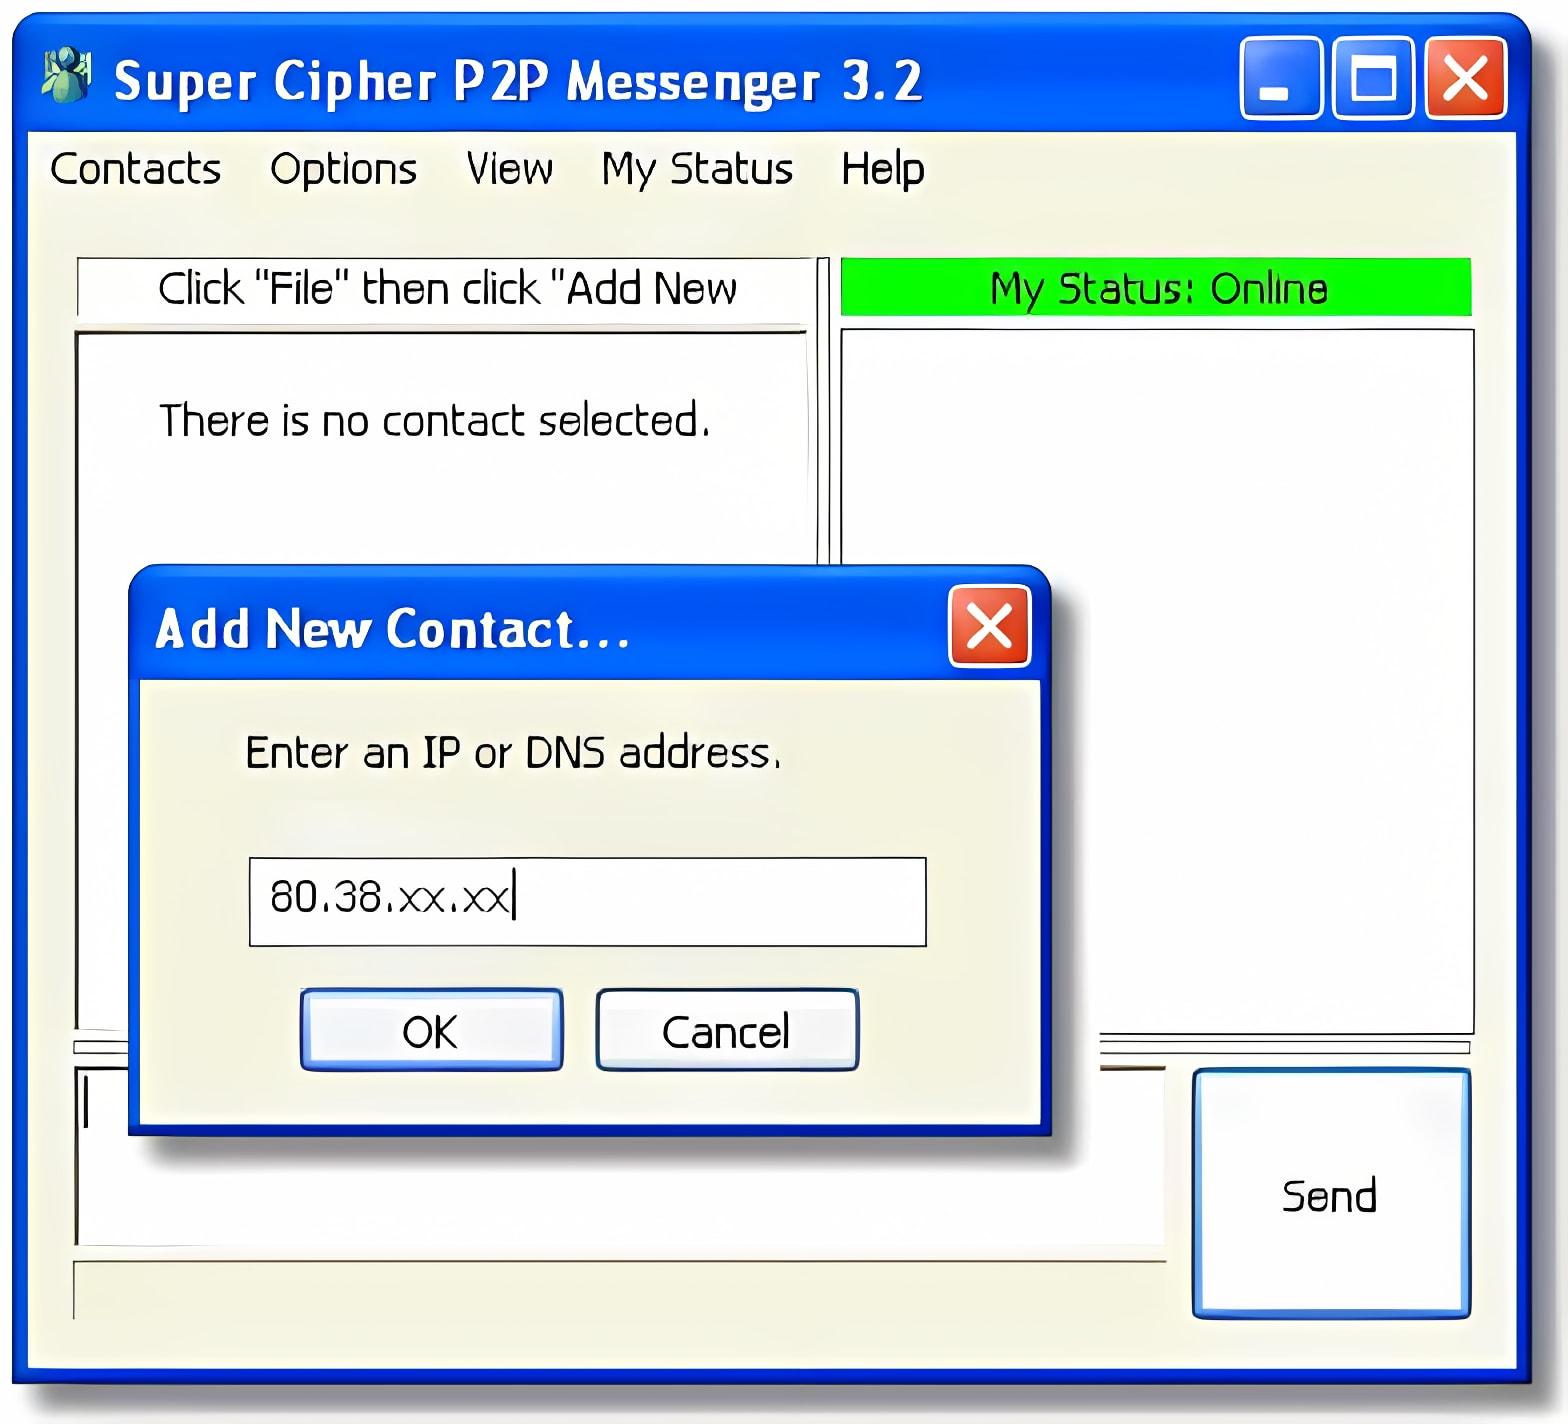 Super Cipher P2P Messenger